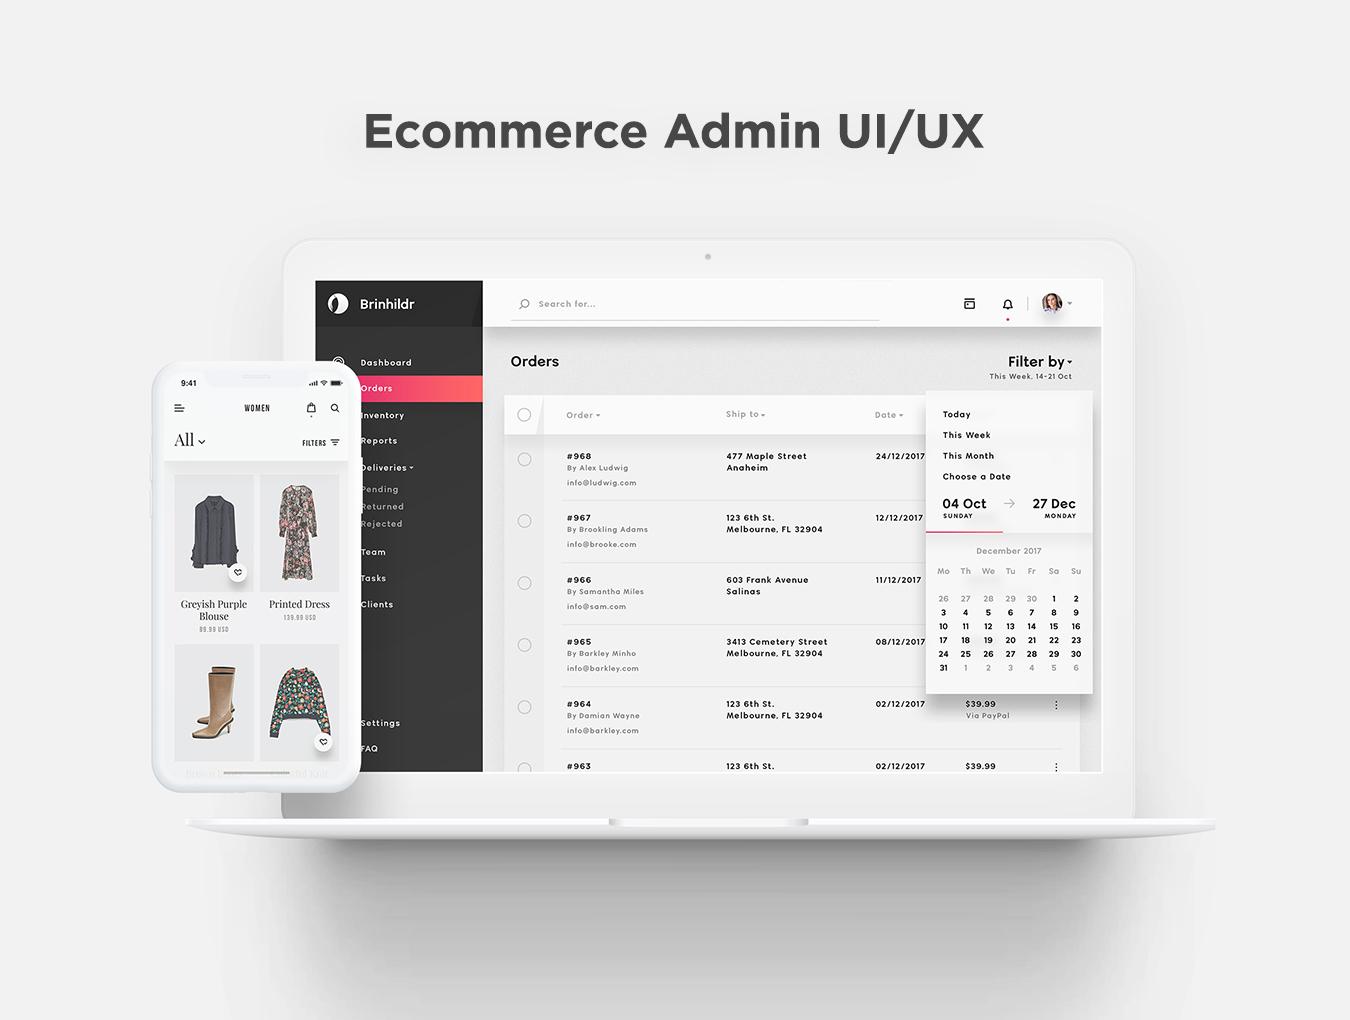 商城网站仪表盘后台管理系统WEB UI界面设计套件 Brinhildr – Dashboard Web UI Kit插图(3)